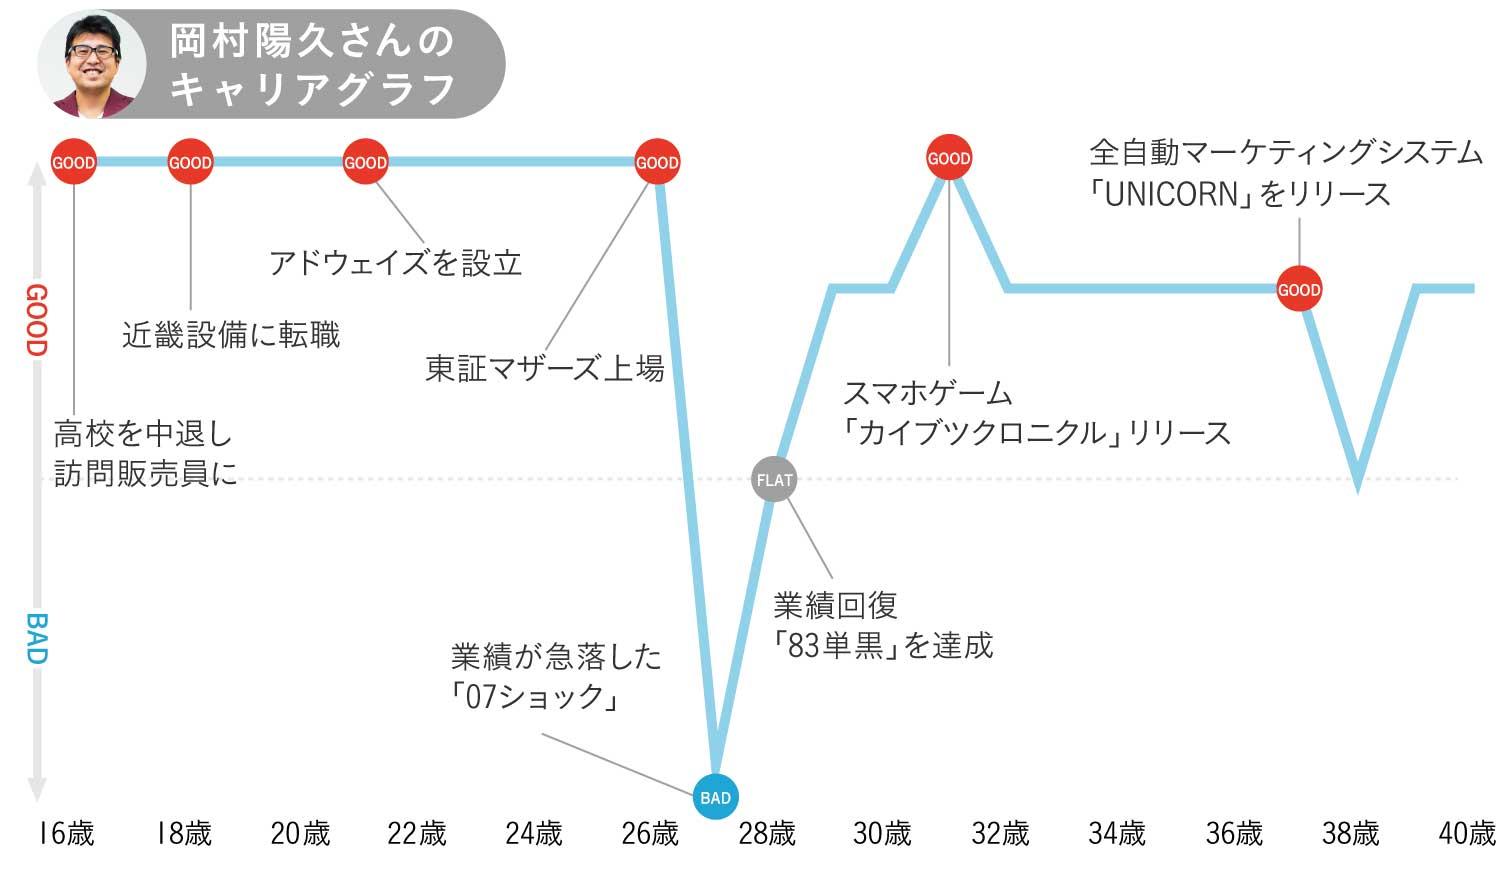 アドウェイズ岡村陽久さんのキャリアグラフ1